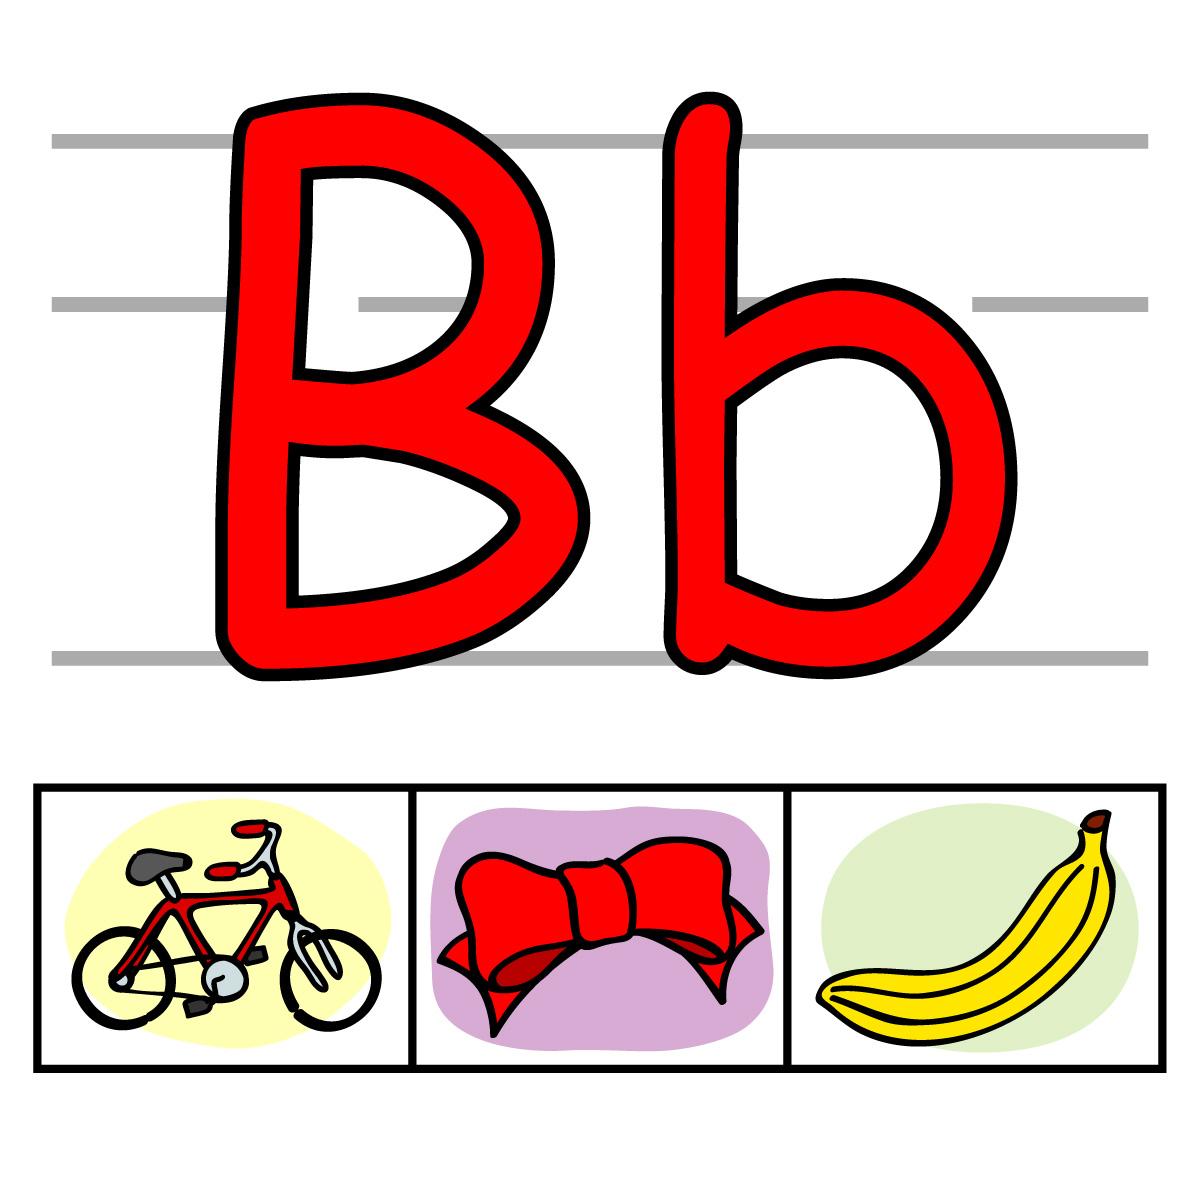 1200x1200 Image Of Alphabet Letter Clipart 0 Clip Art Alphabet Letters